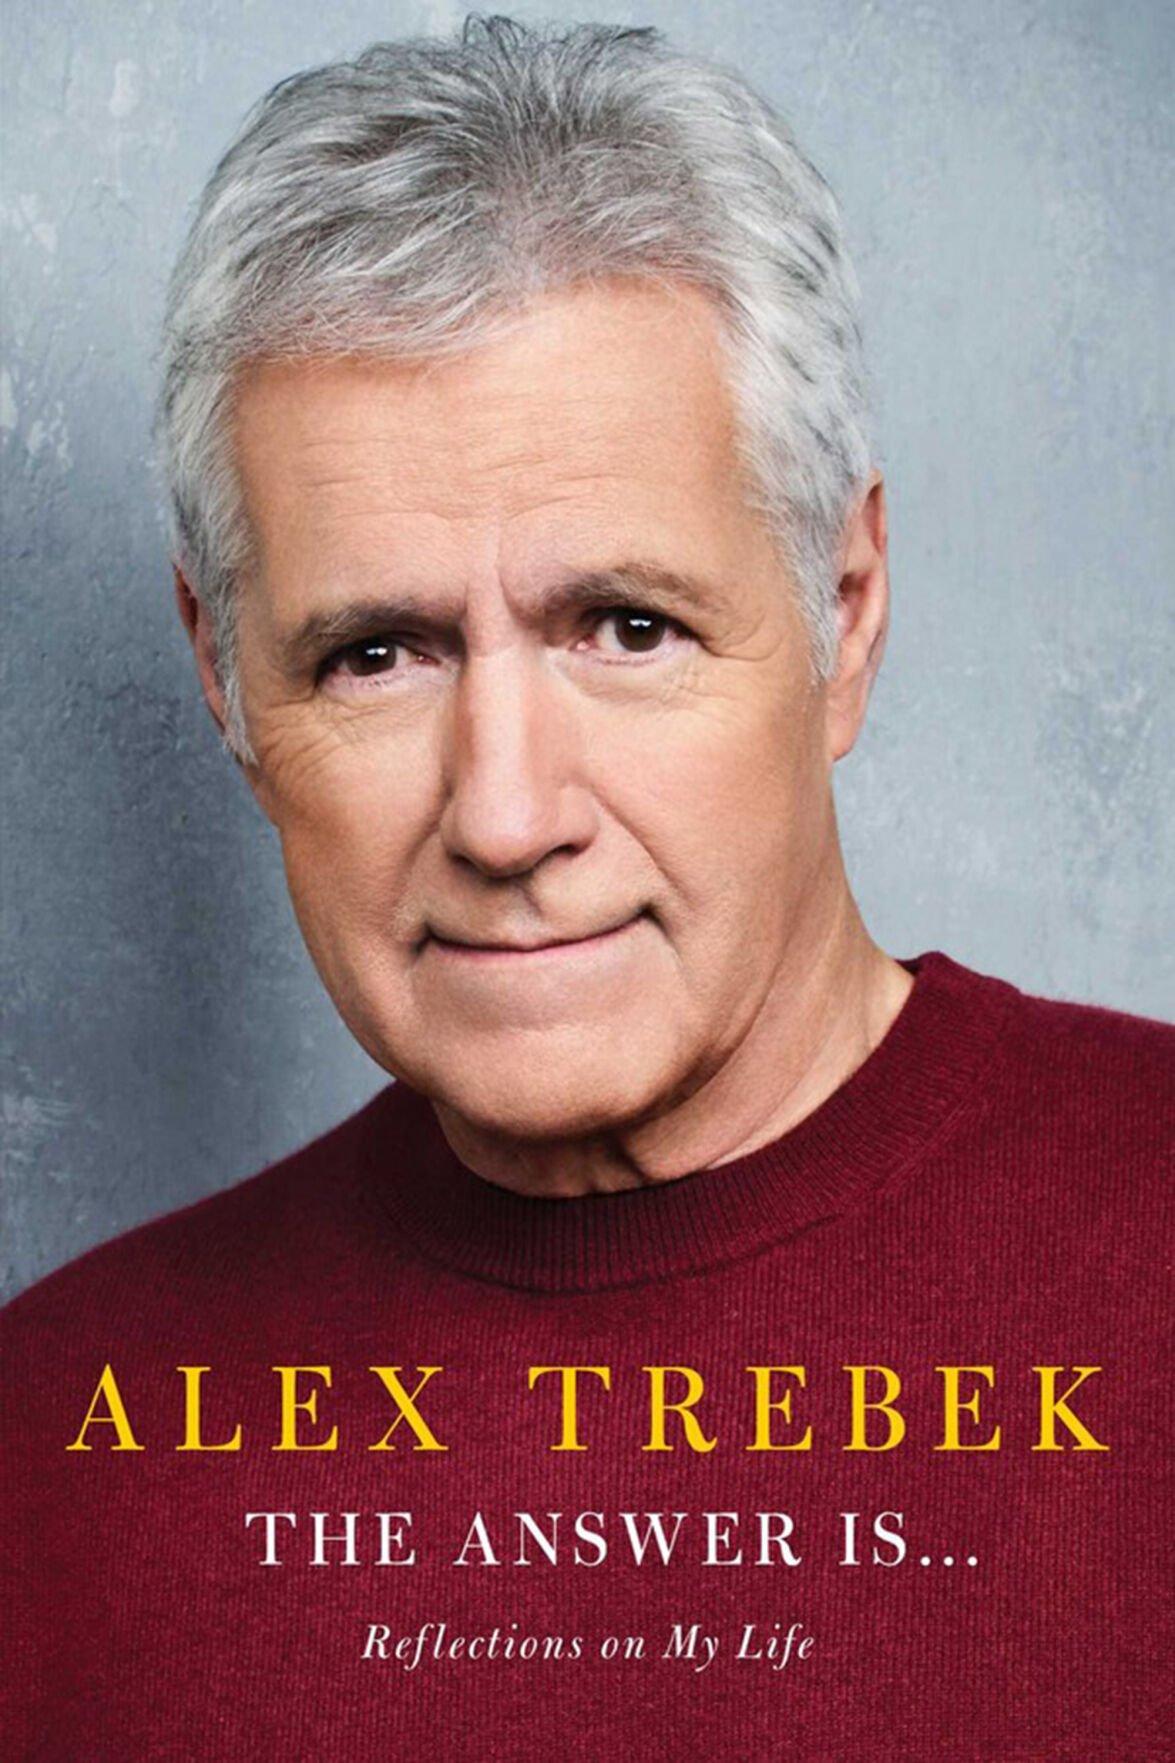 Alex Trebek